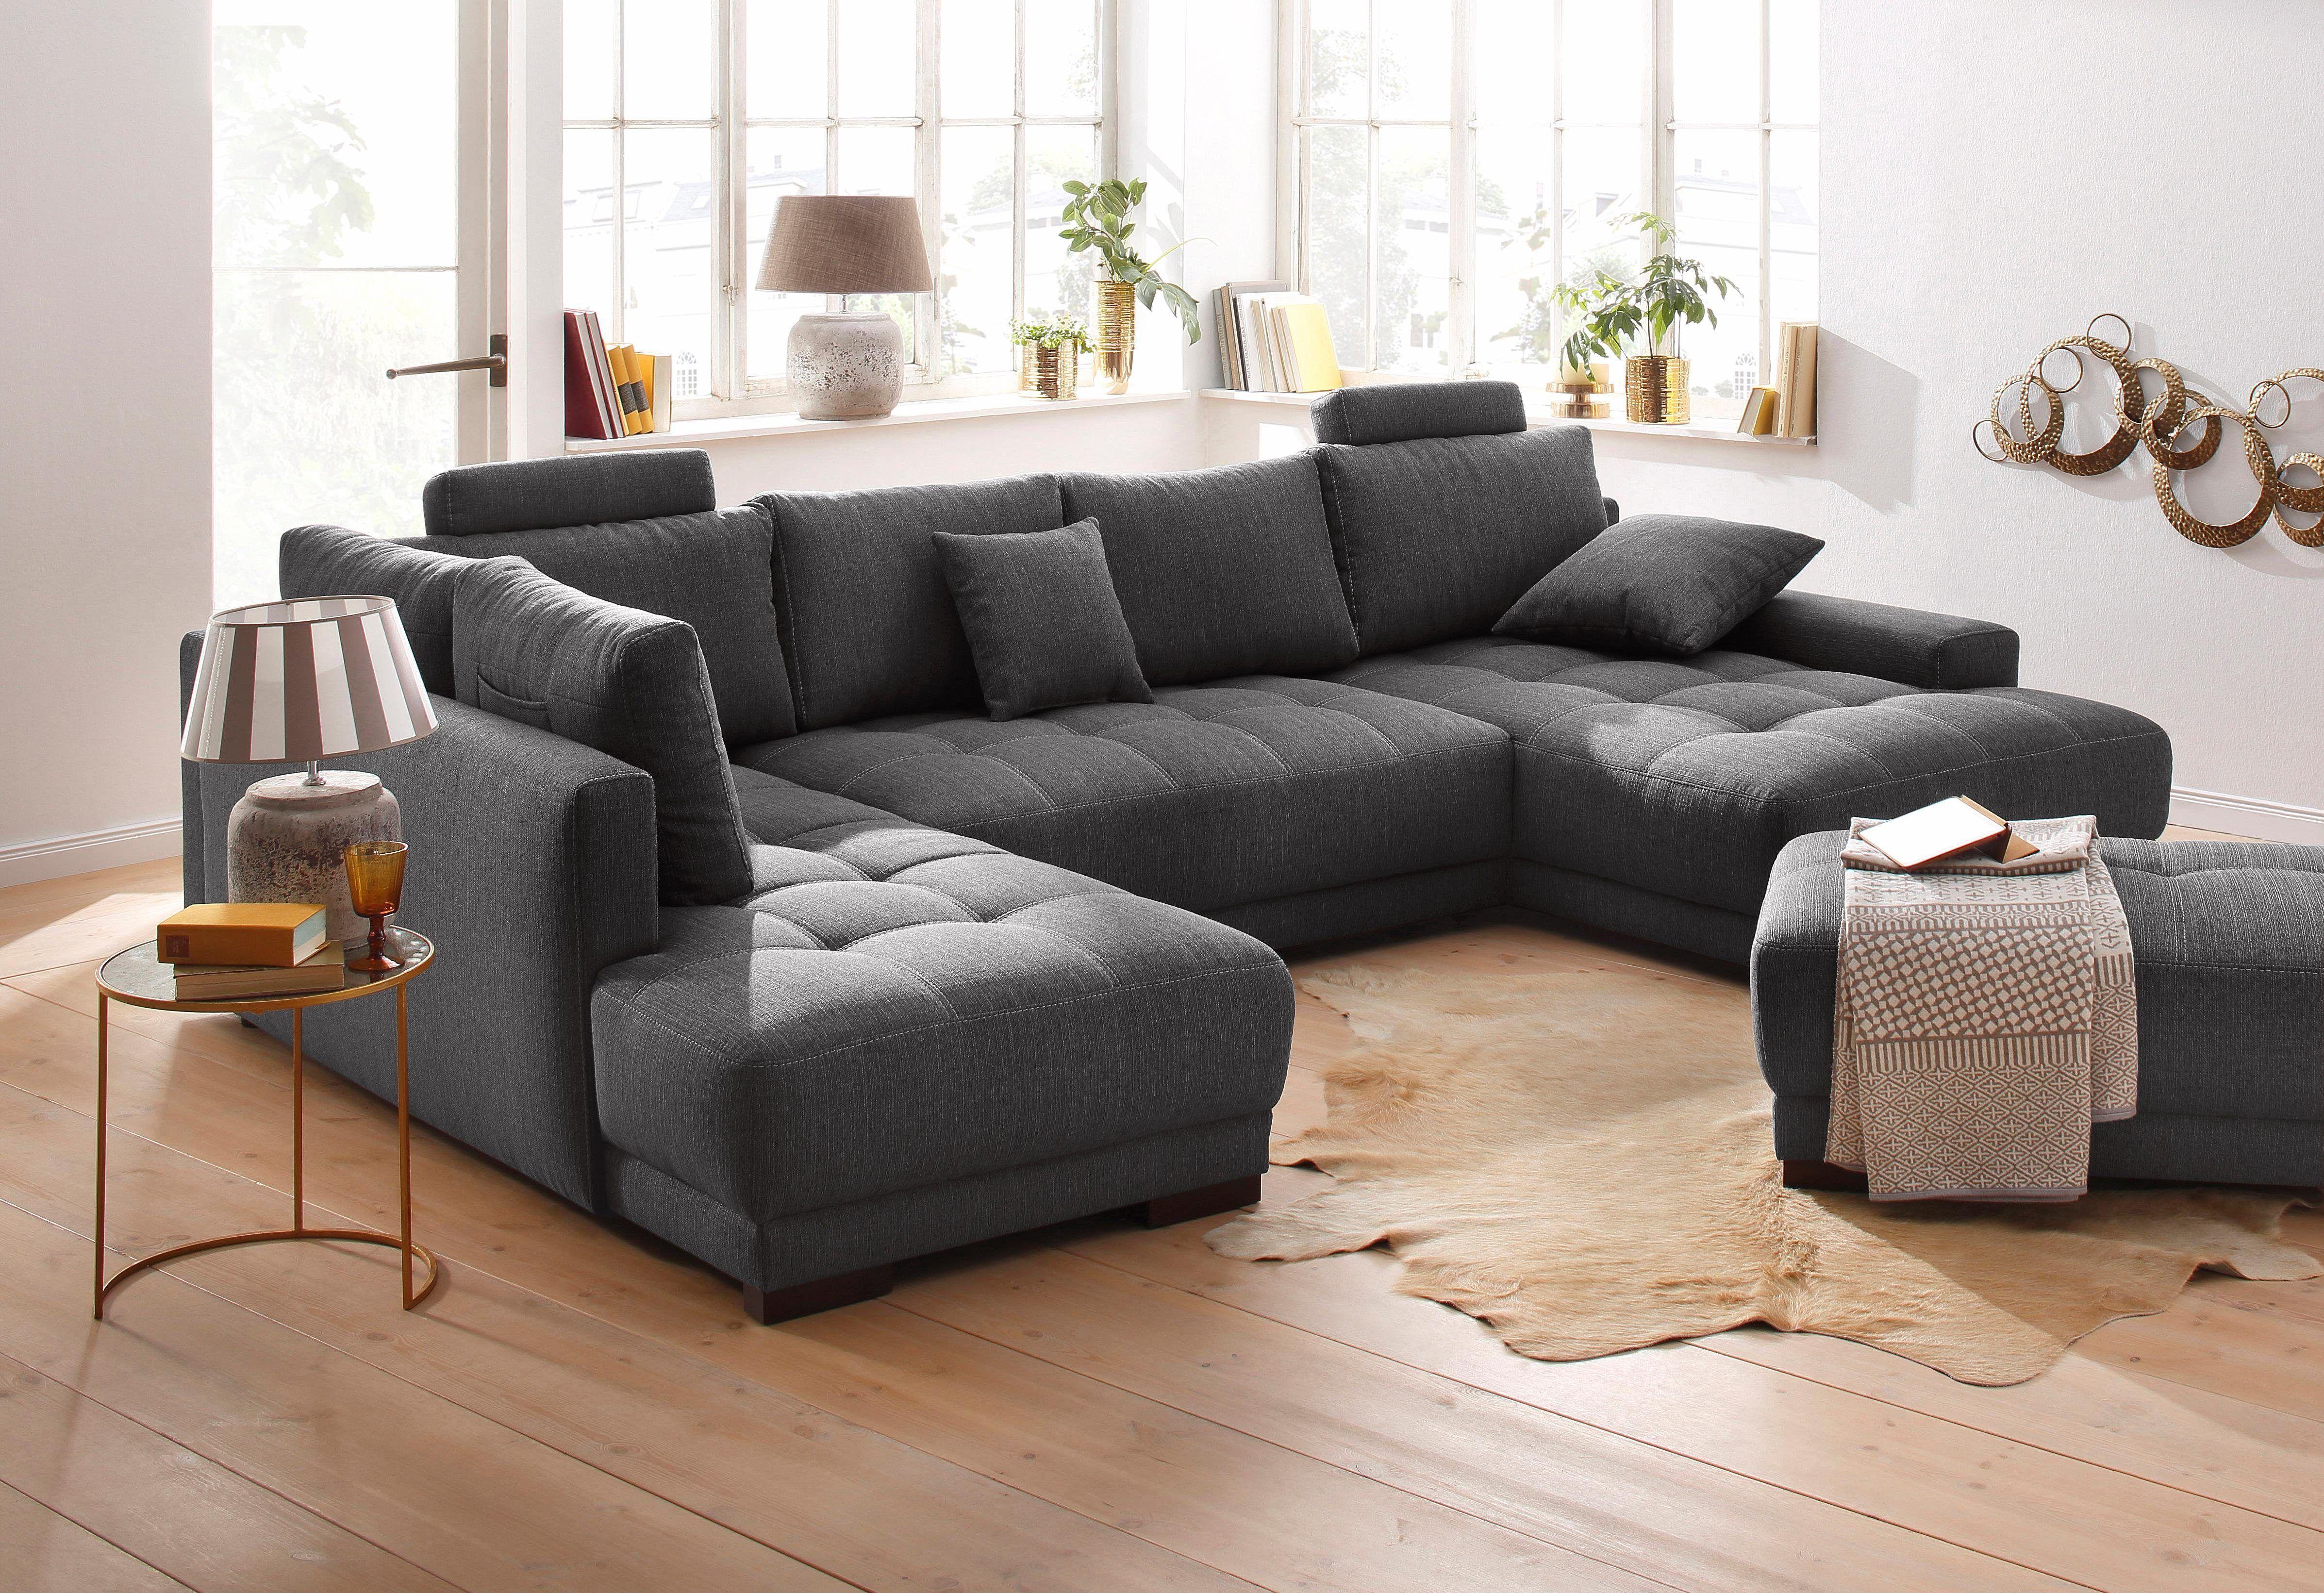 Der neueste Trend für absolute Gemütlichkeit Big Sofas Mit vielen